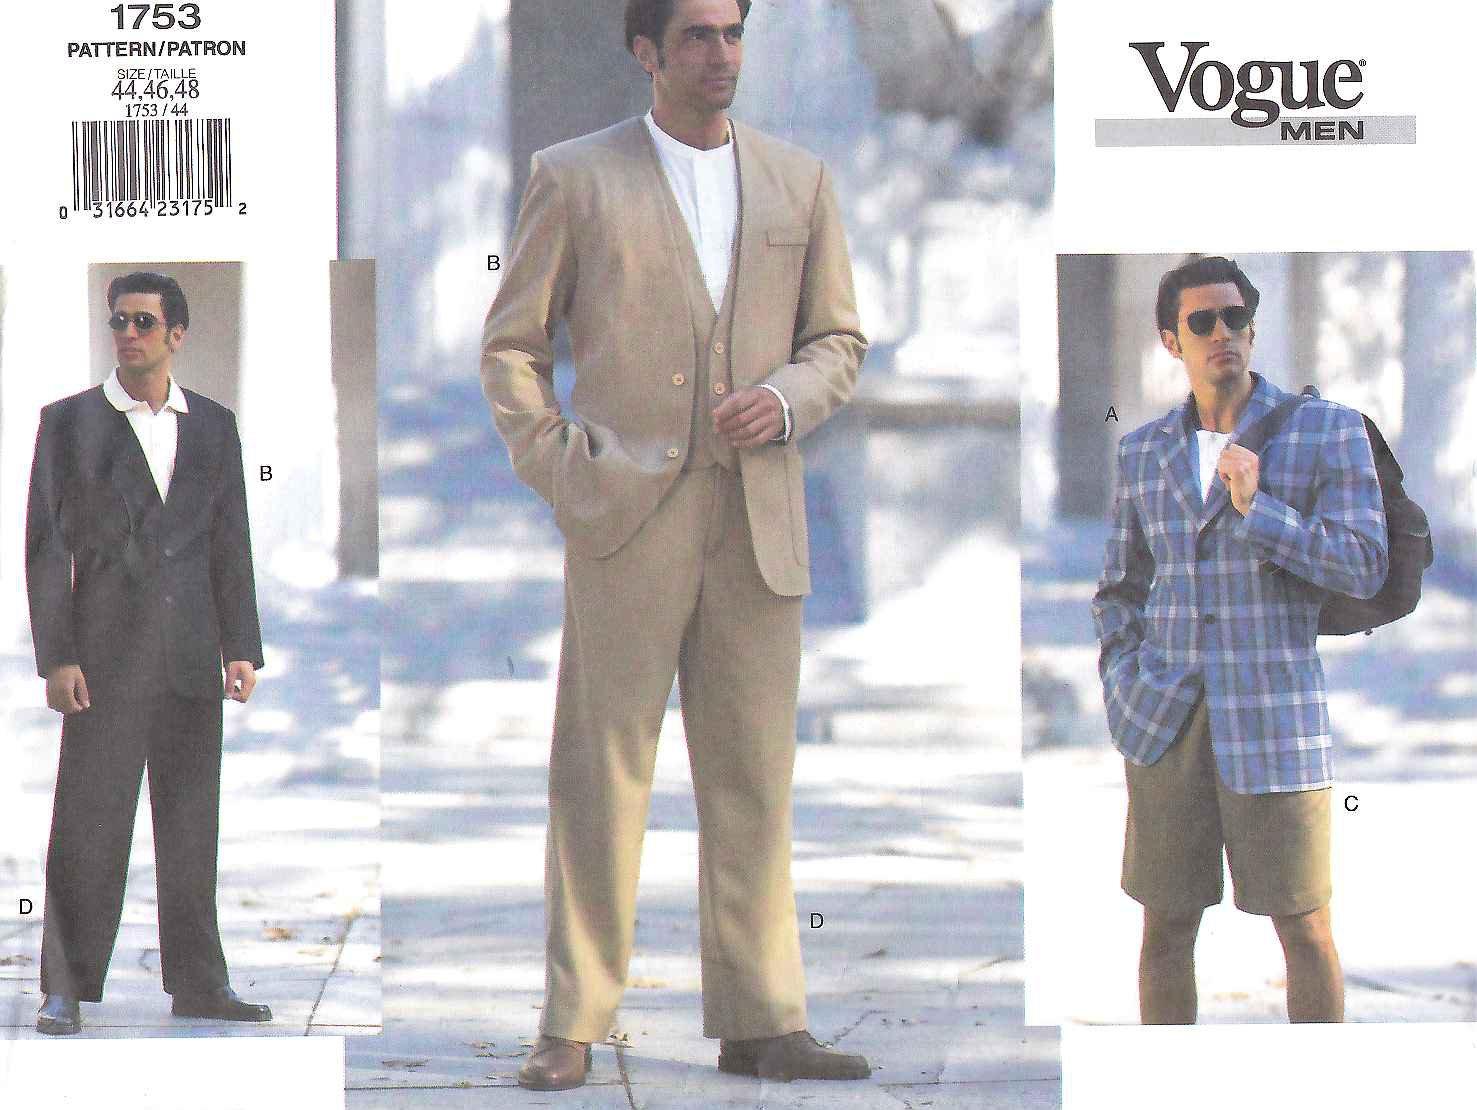 Vogue Sewing Pattern 1753 Mens Size 44-46-48 Jacket Vest Shorts Pants Trousers Sportscoat Suit